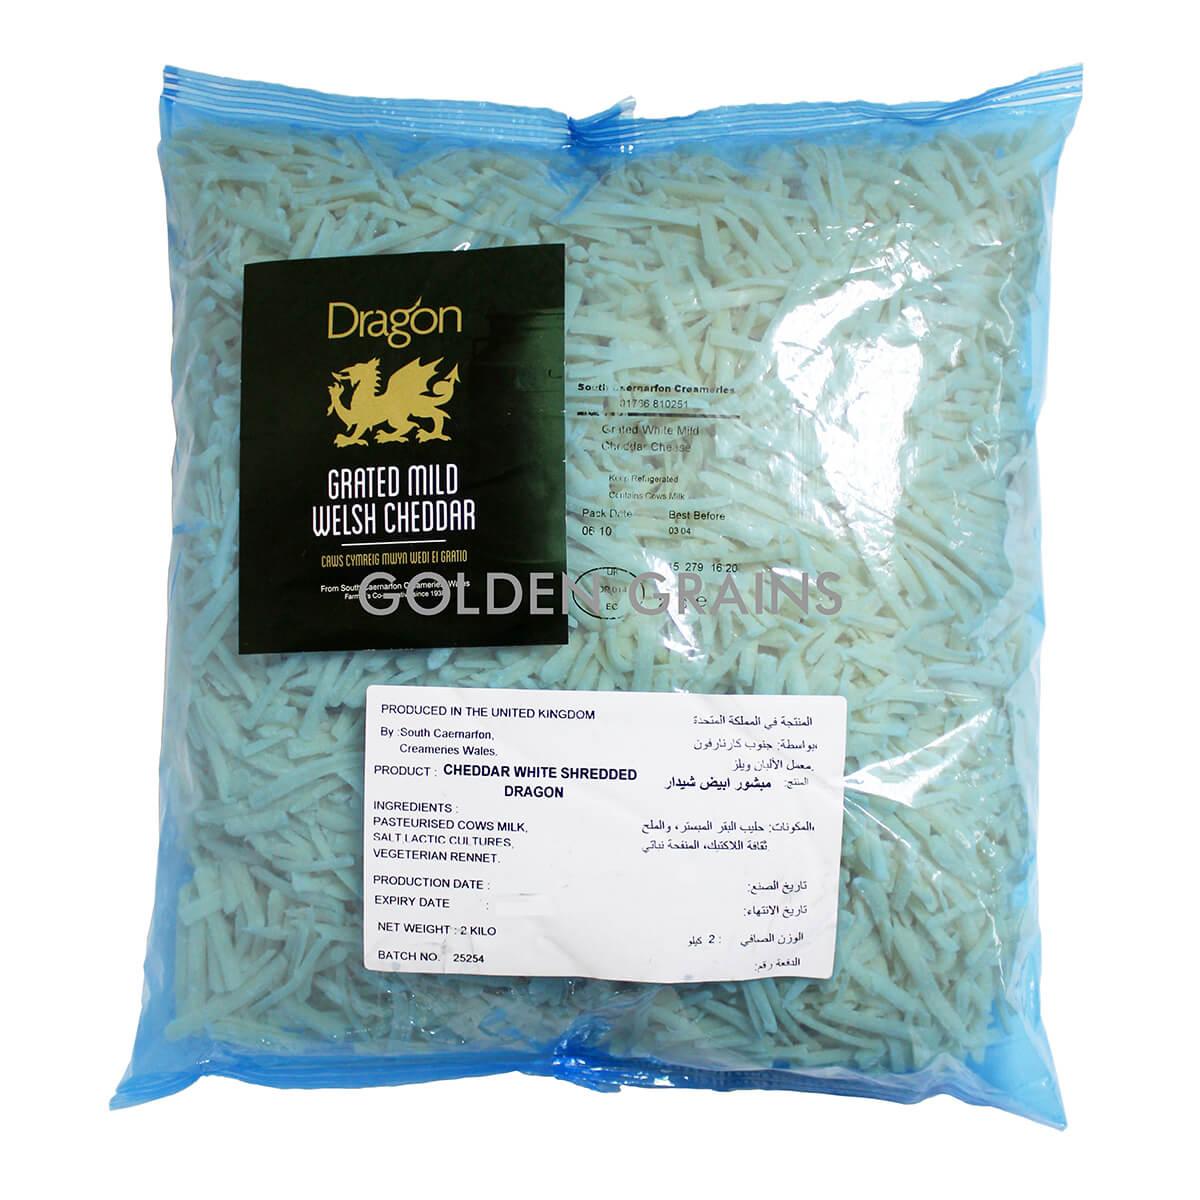 Golden Grains Dubai Export - Dragon - Grated Mild Welsh Cheddar - Front.jpg